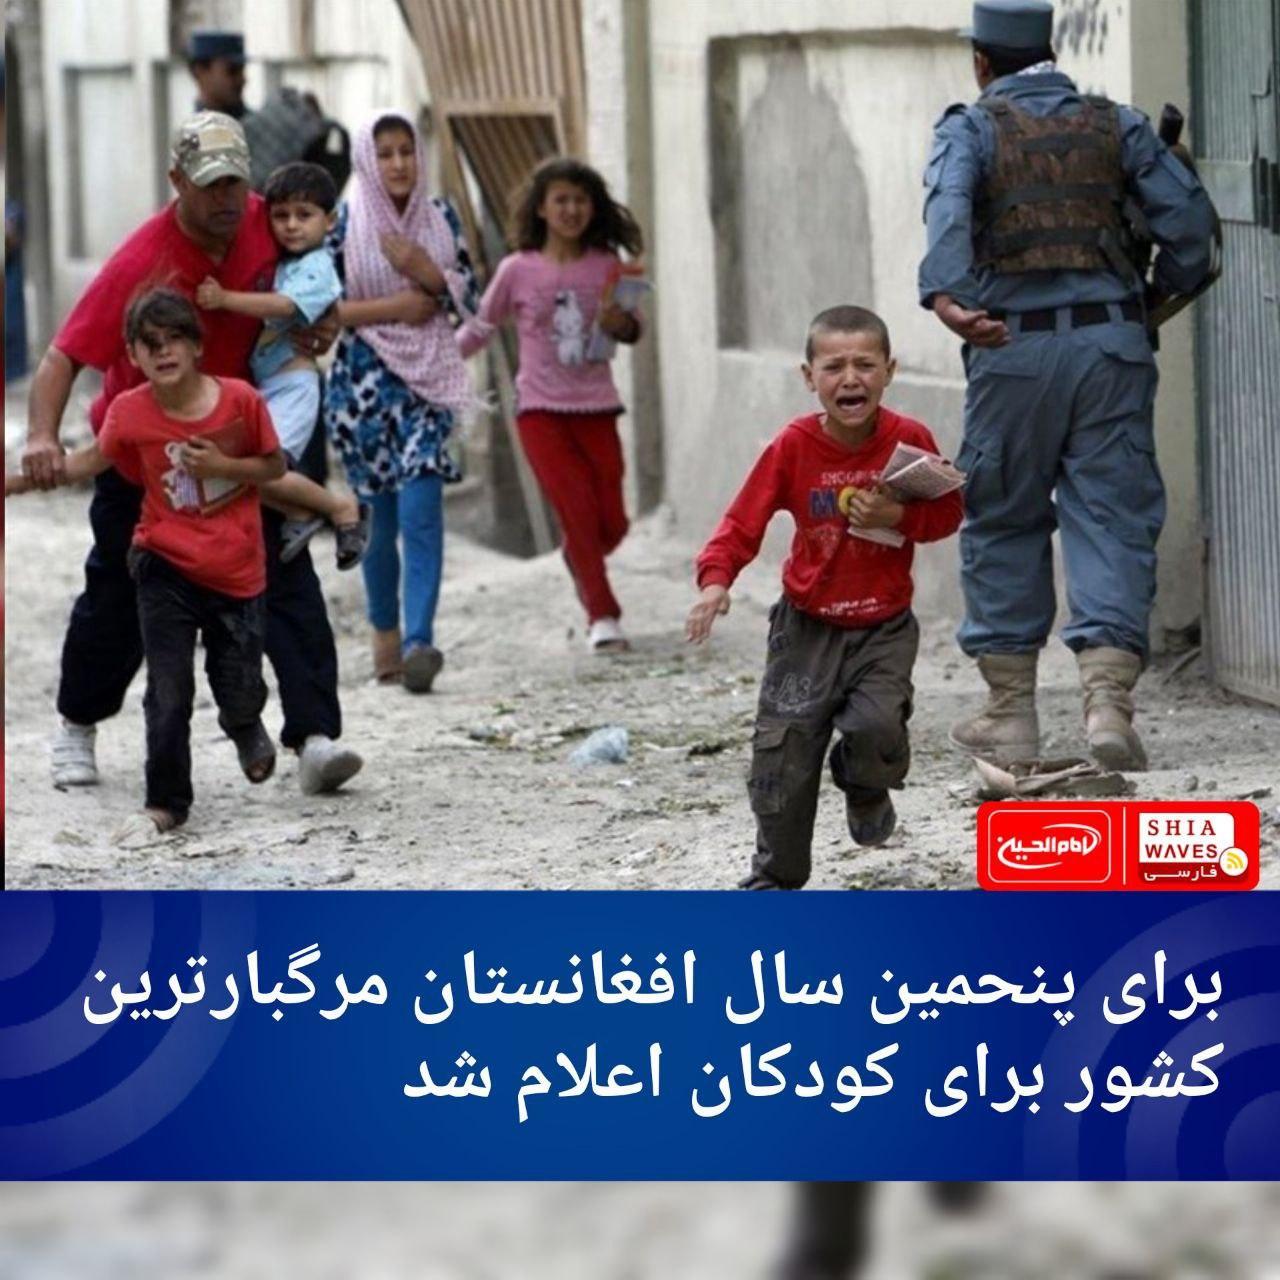 تصویر برای پنحمین سال افغانستان مرگبارترین کشور برای کودکان اعلام شد